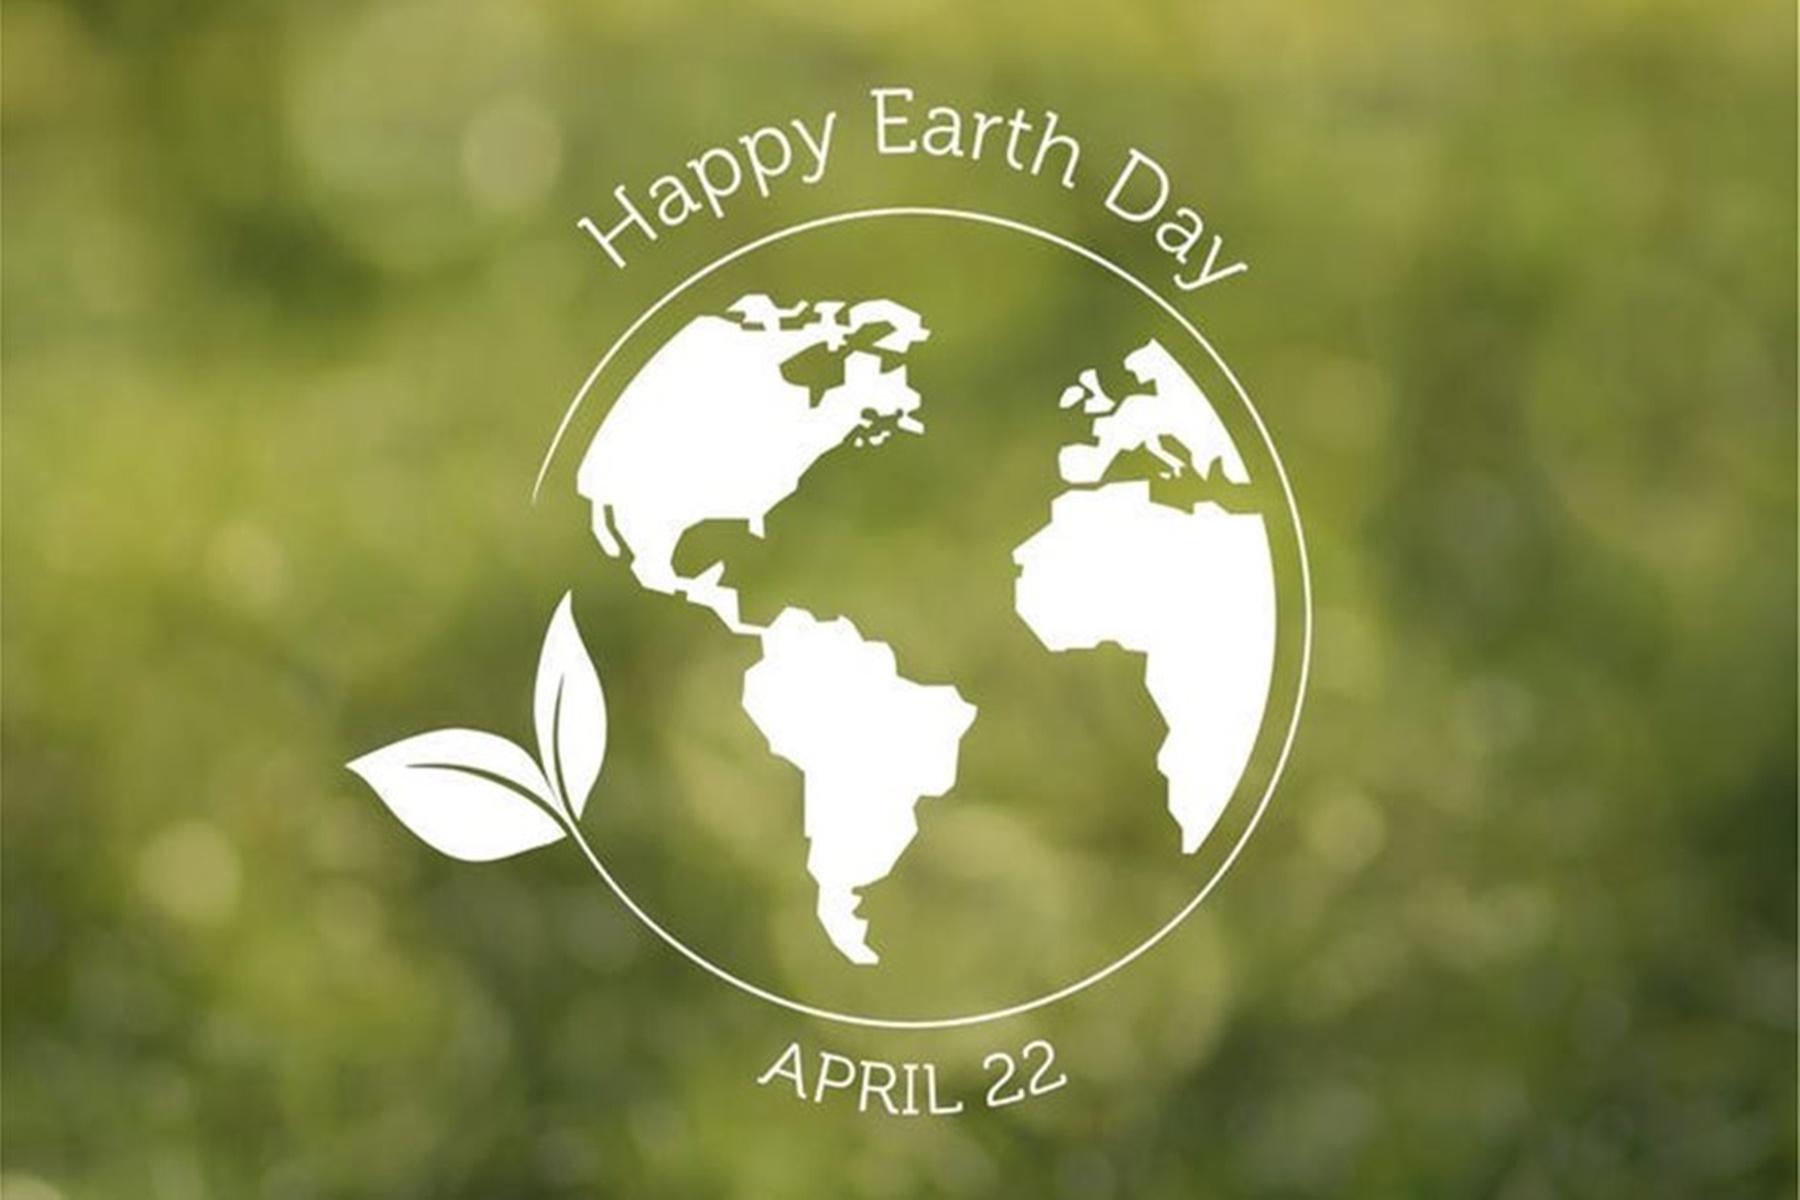 google doodle : Σήμερα είναι η παγκόσμια μέρα της γης